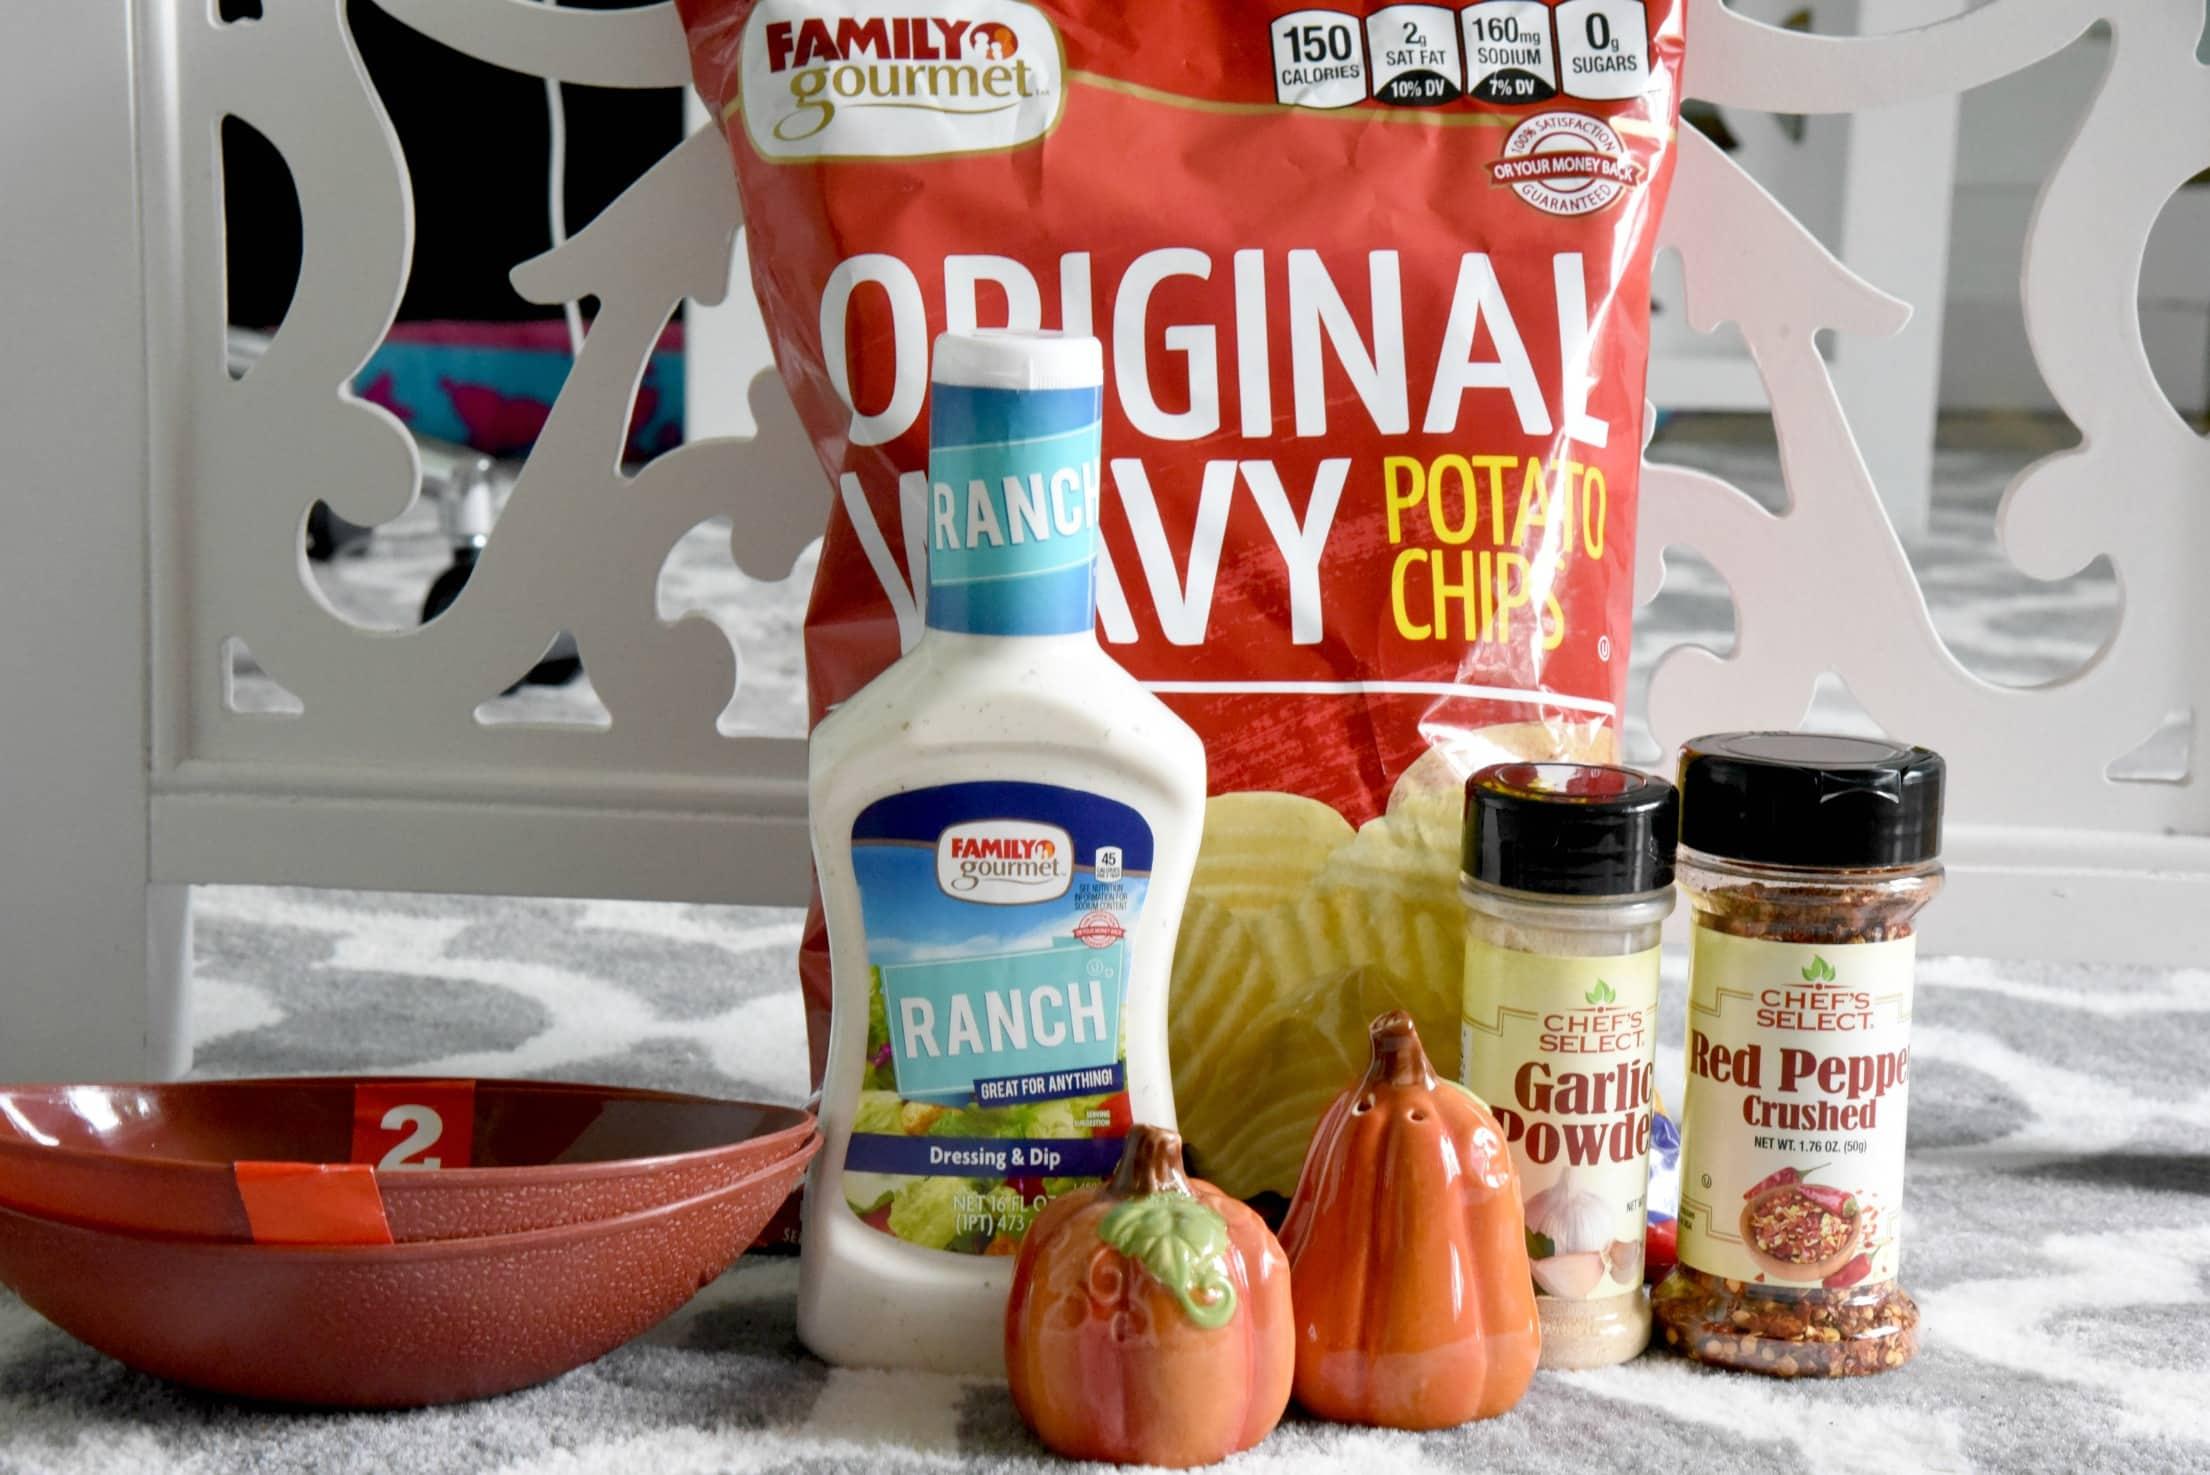 Family dollar ingredients